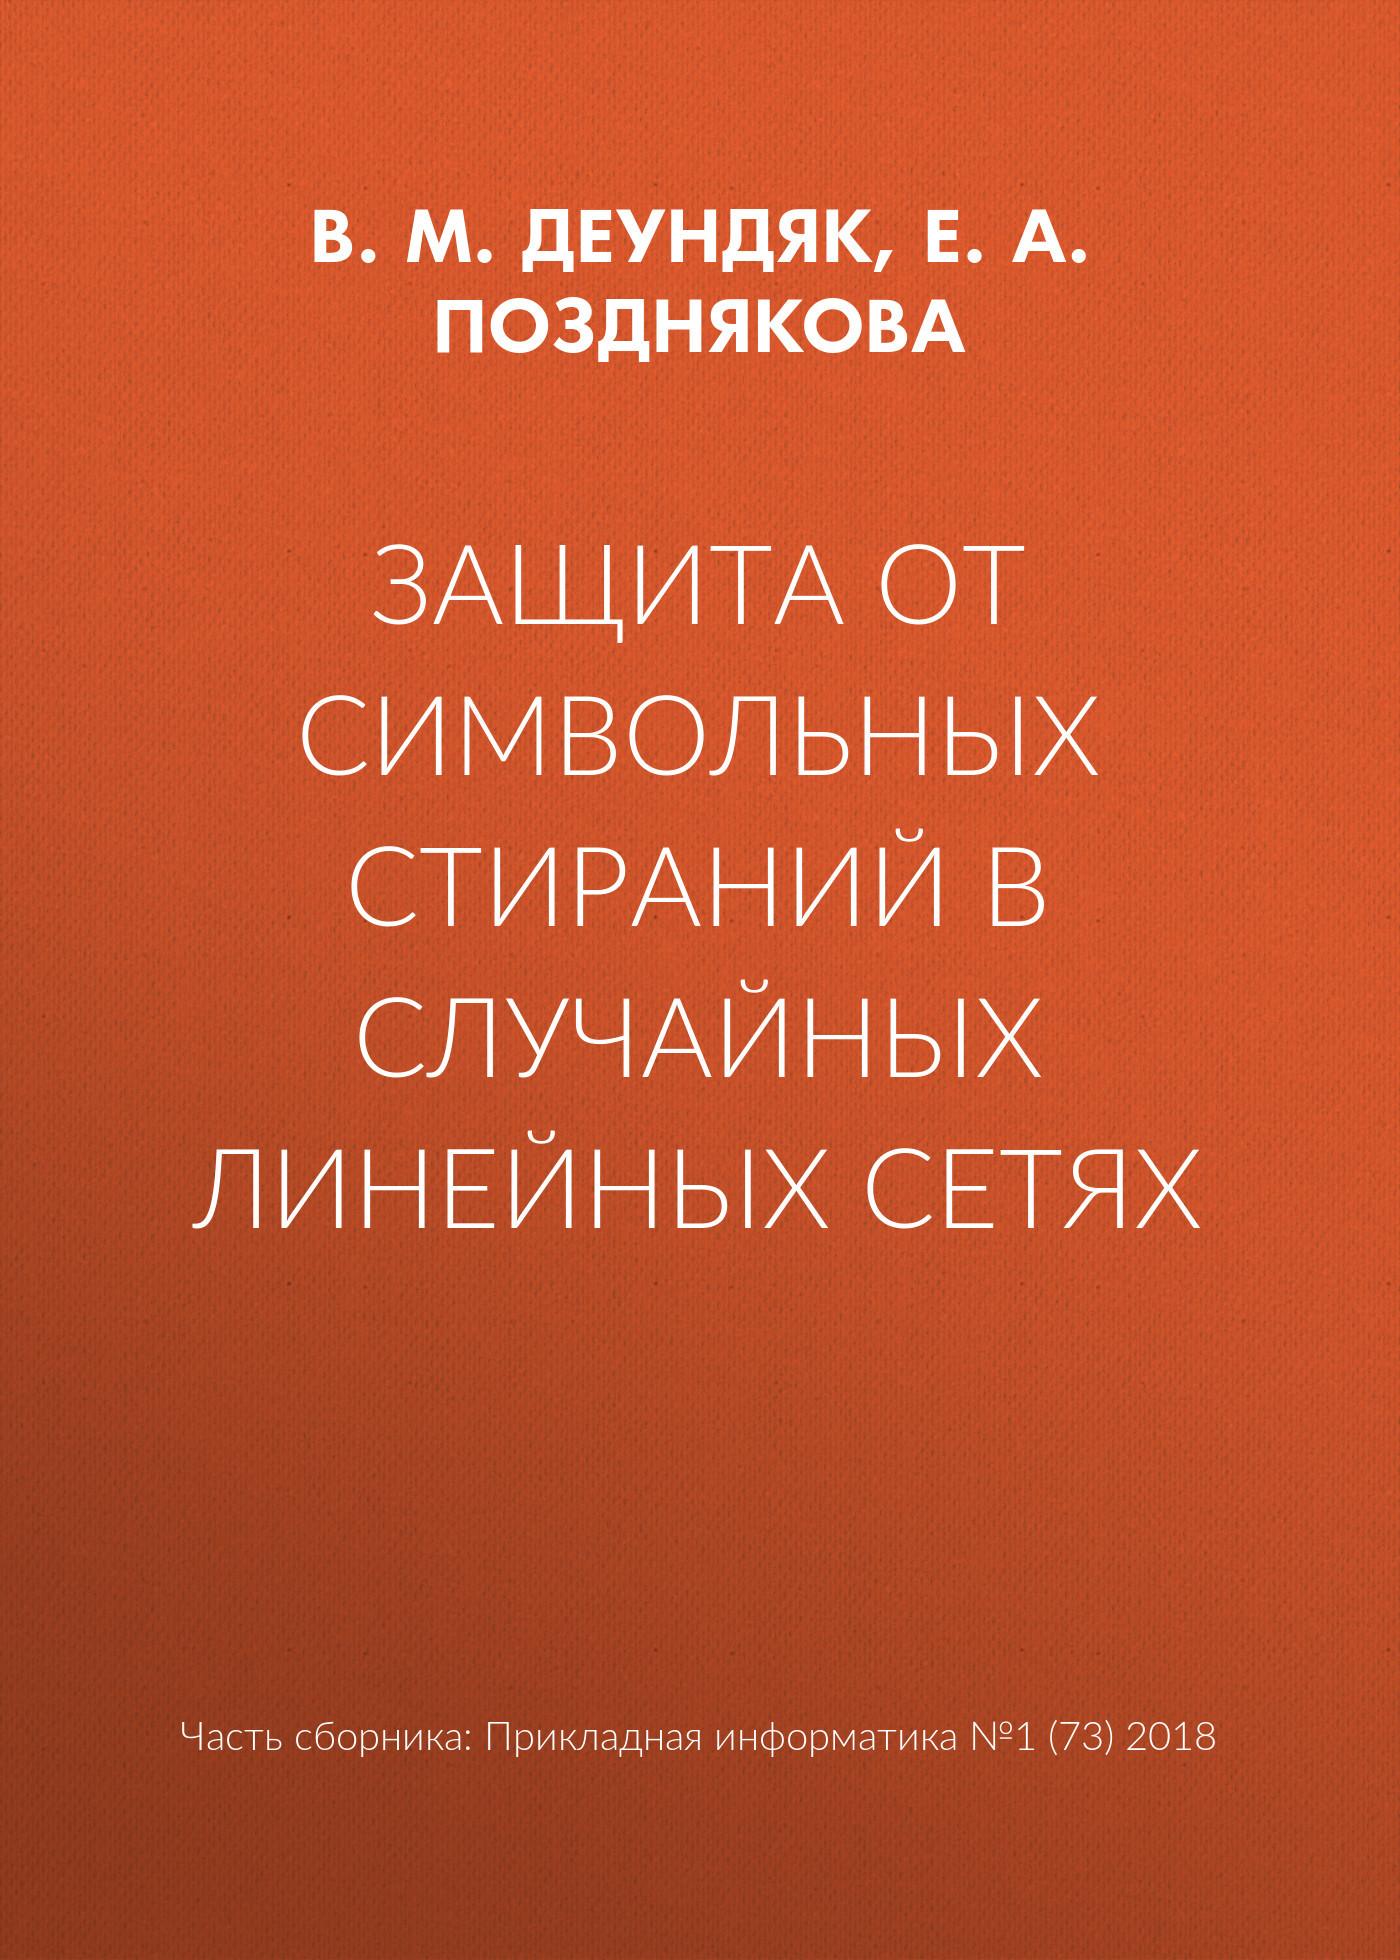 В. М. Деундяк. Защита от символьных стираний в случайных линейных сетях